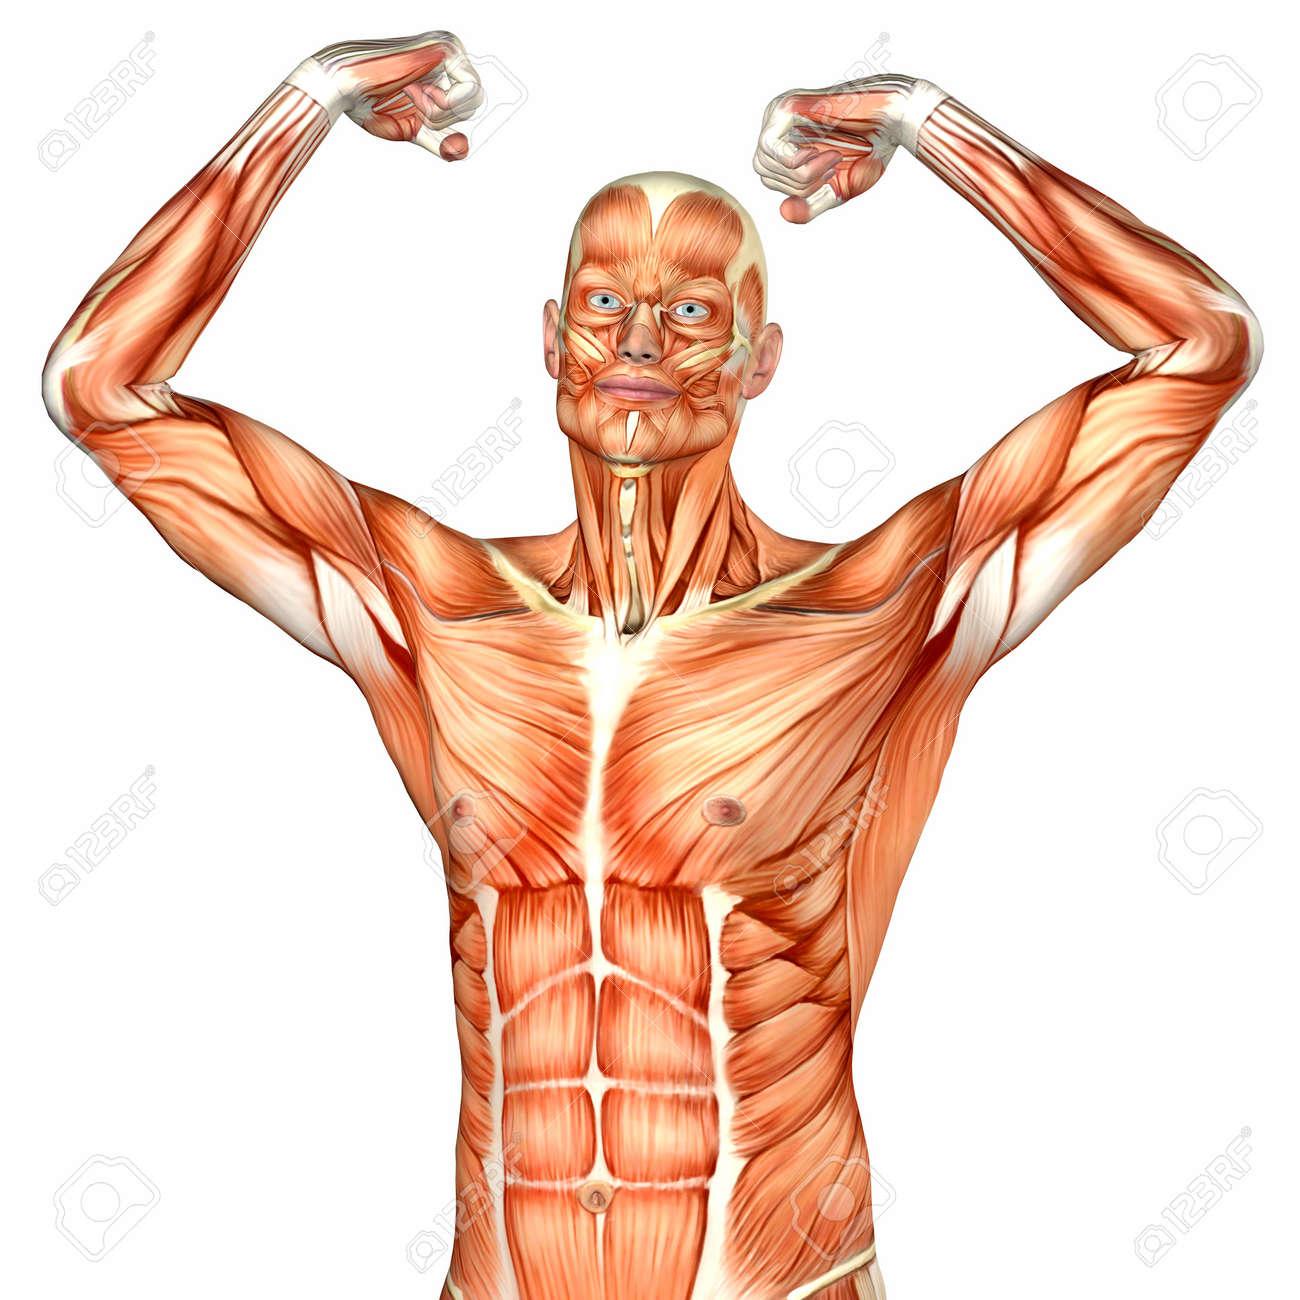 Ilustración De La Anatomía Del Hombre Parte Superior Del Cuerpo ...